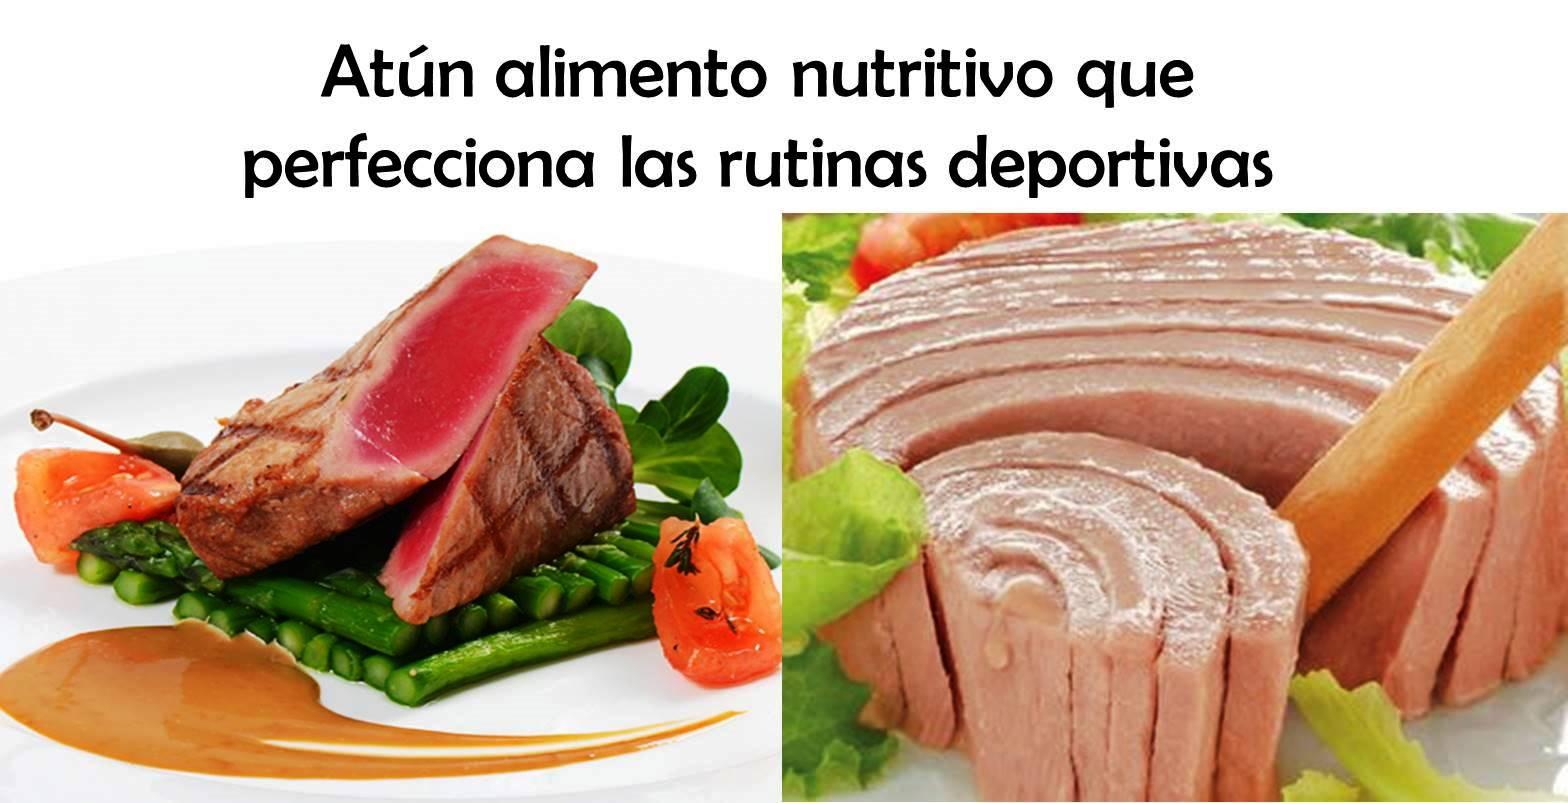 Atún alimento nutritivo que perfecciona las rutinas deportivas1